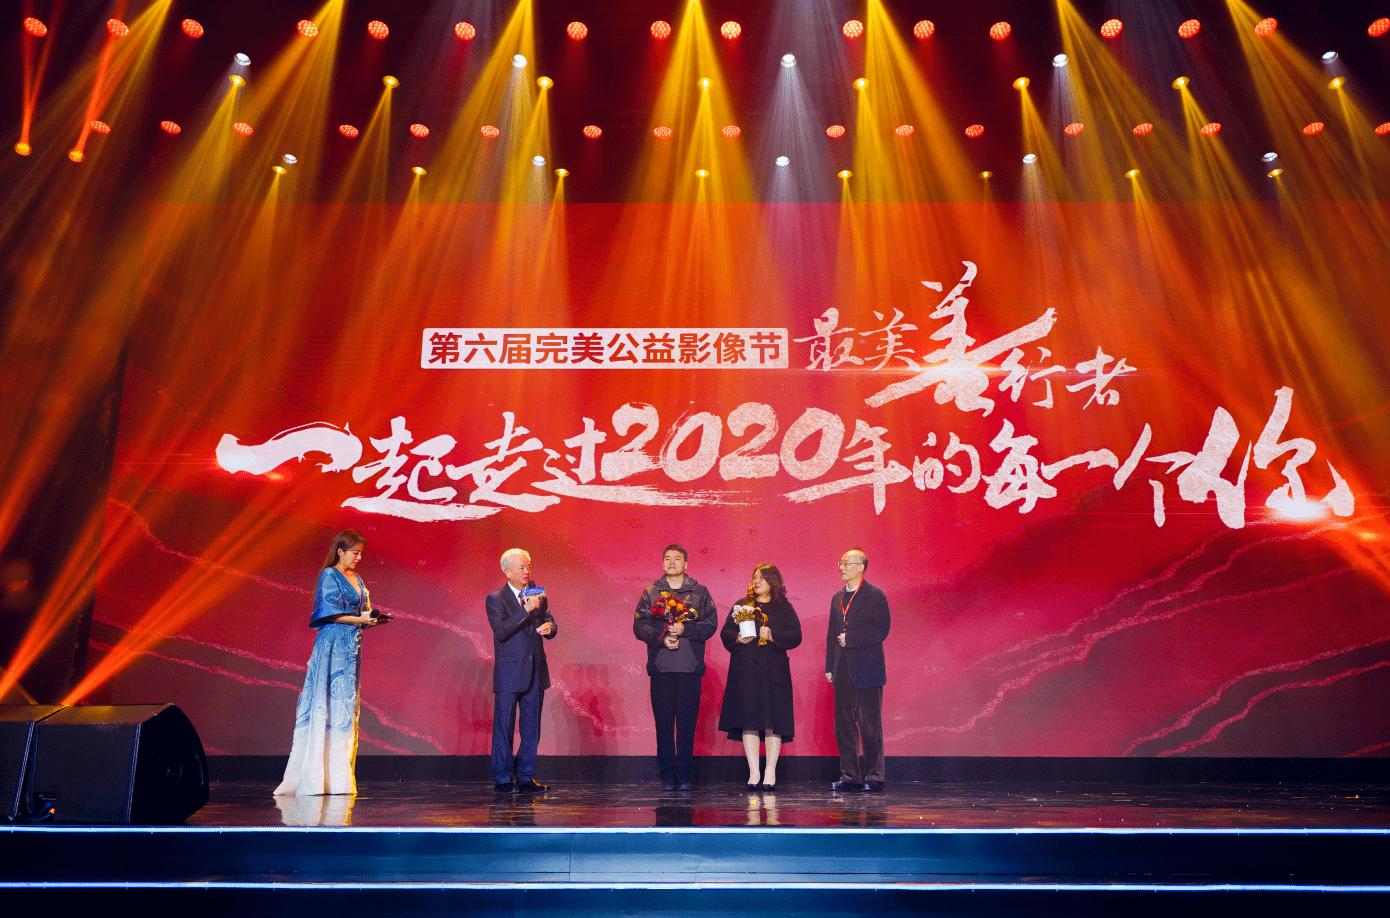 第六届完美公益影像节向光而行——致敬一起携手走过2020的每一位中国人